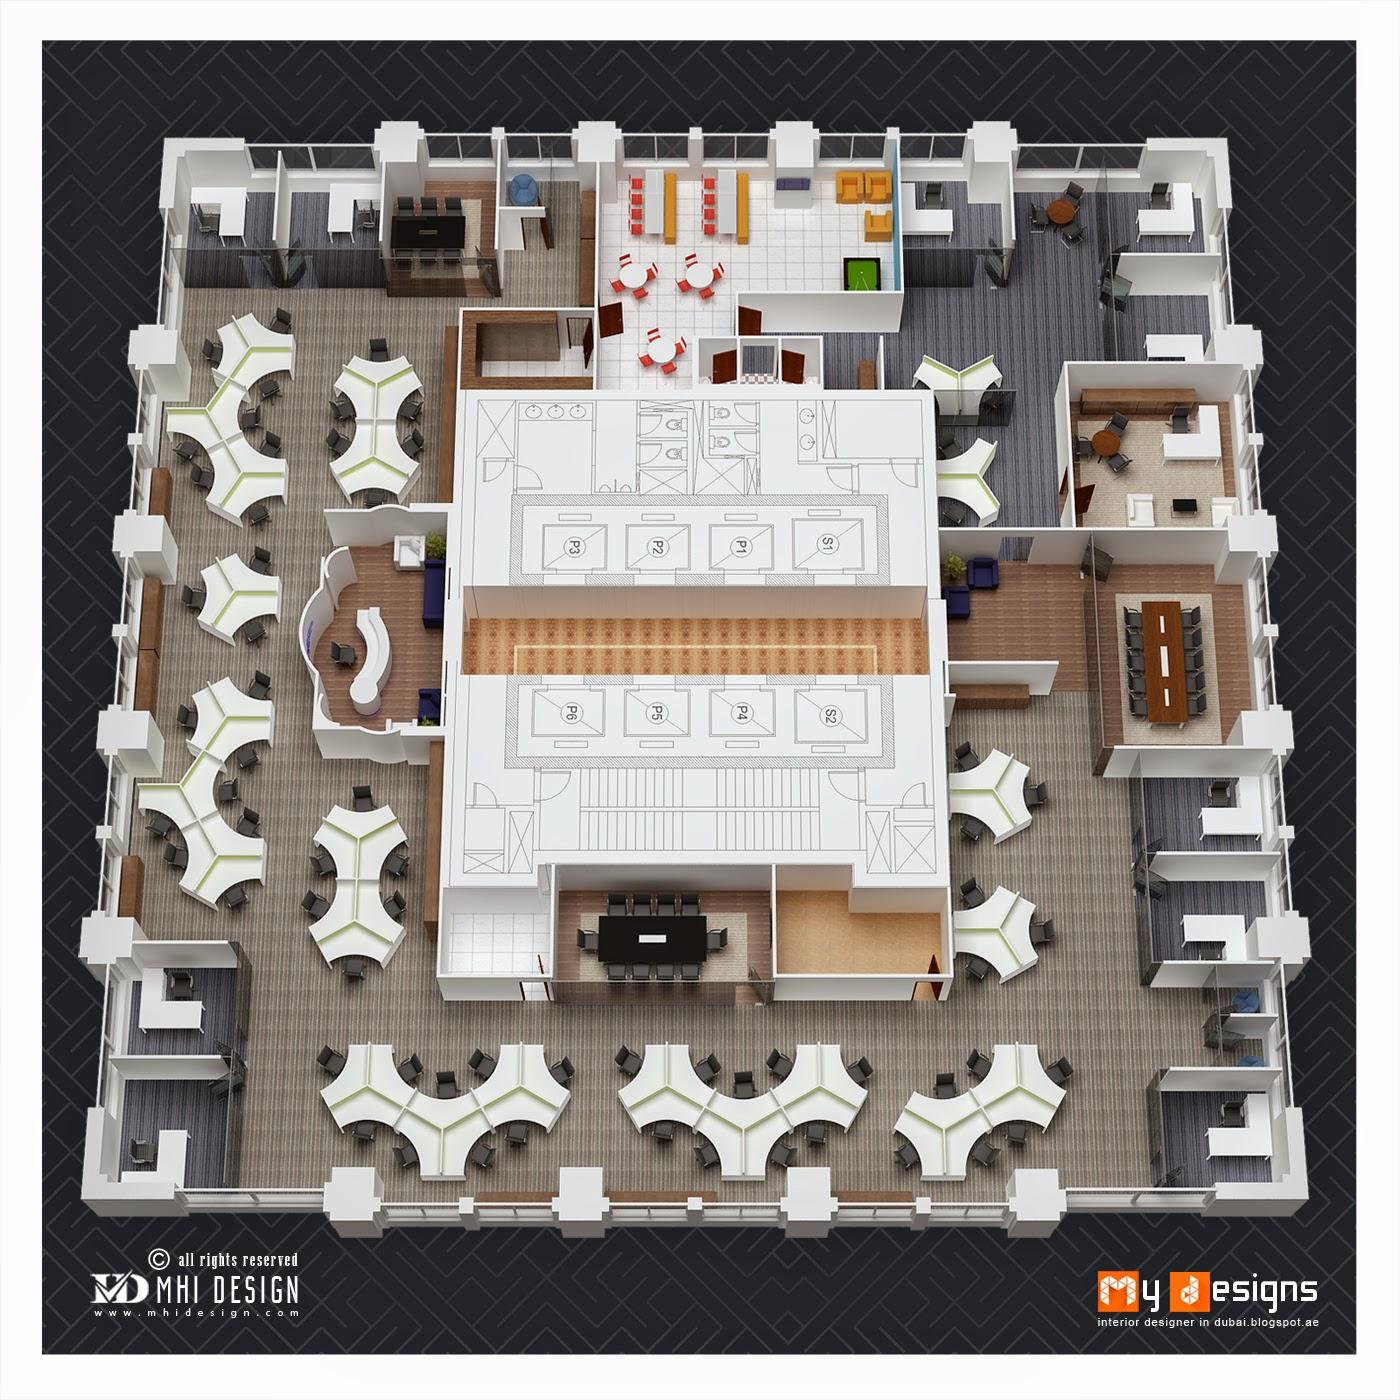 Home design 2016 for Interior design firms